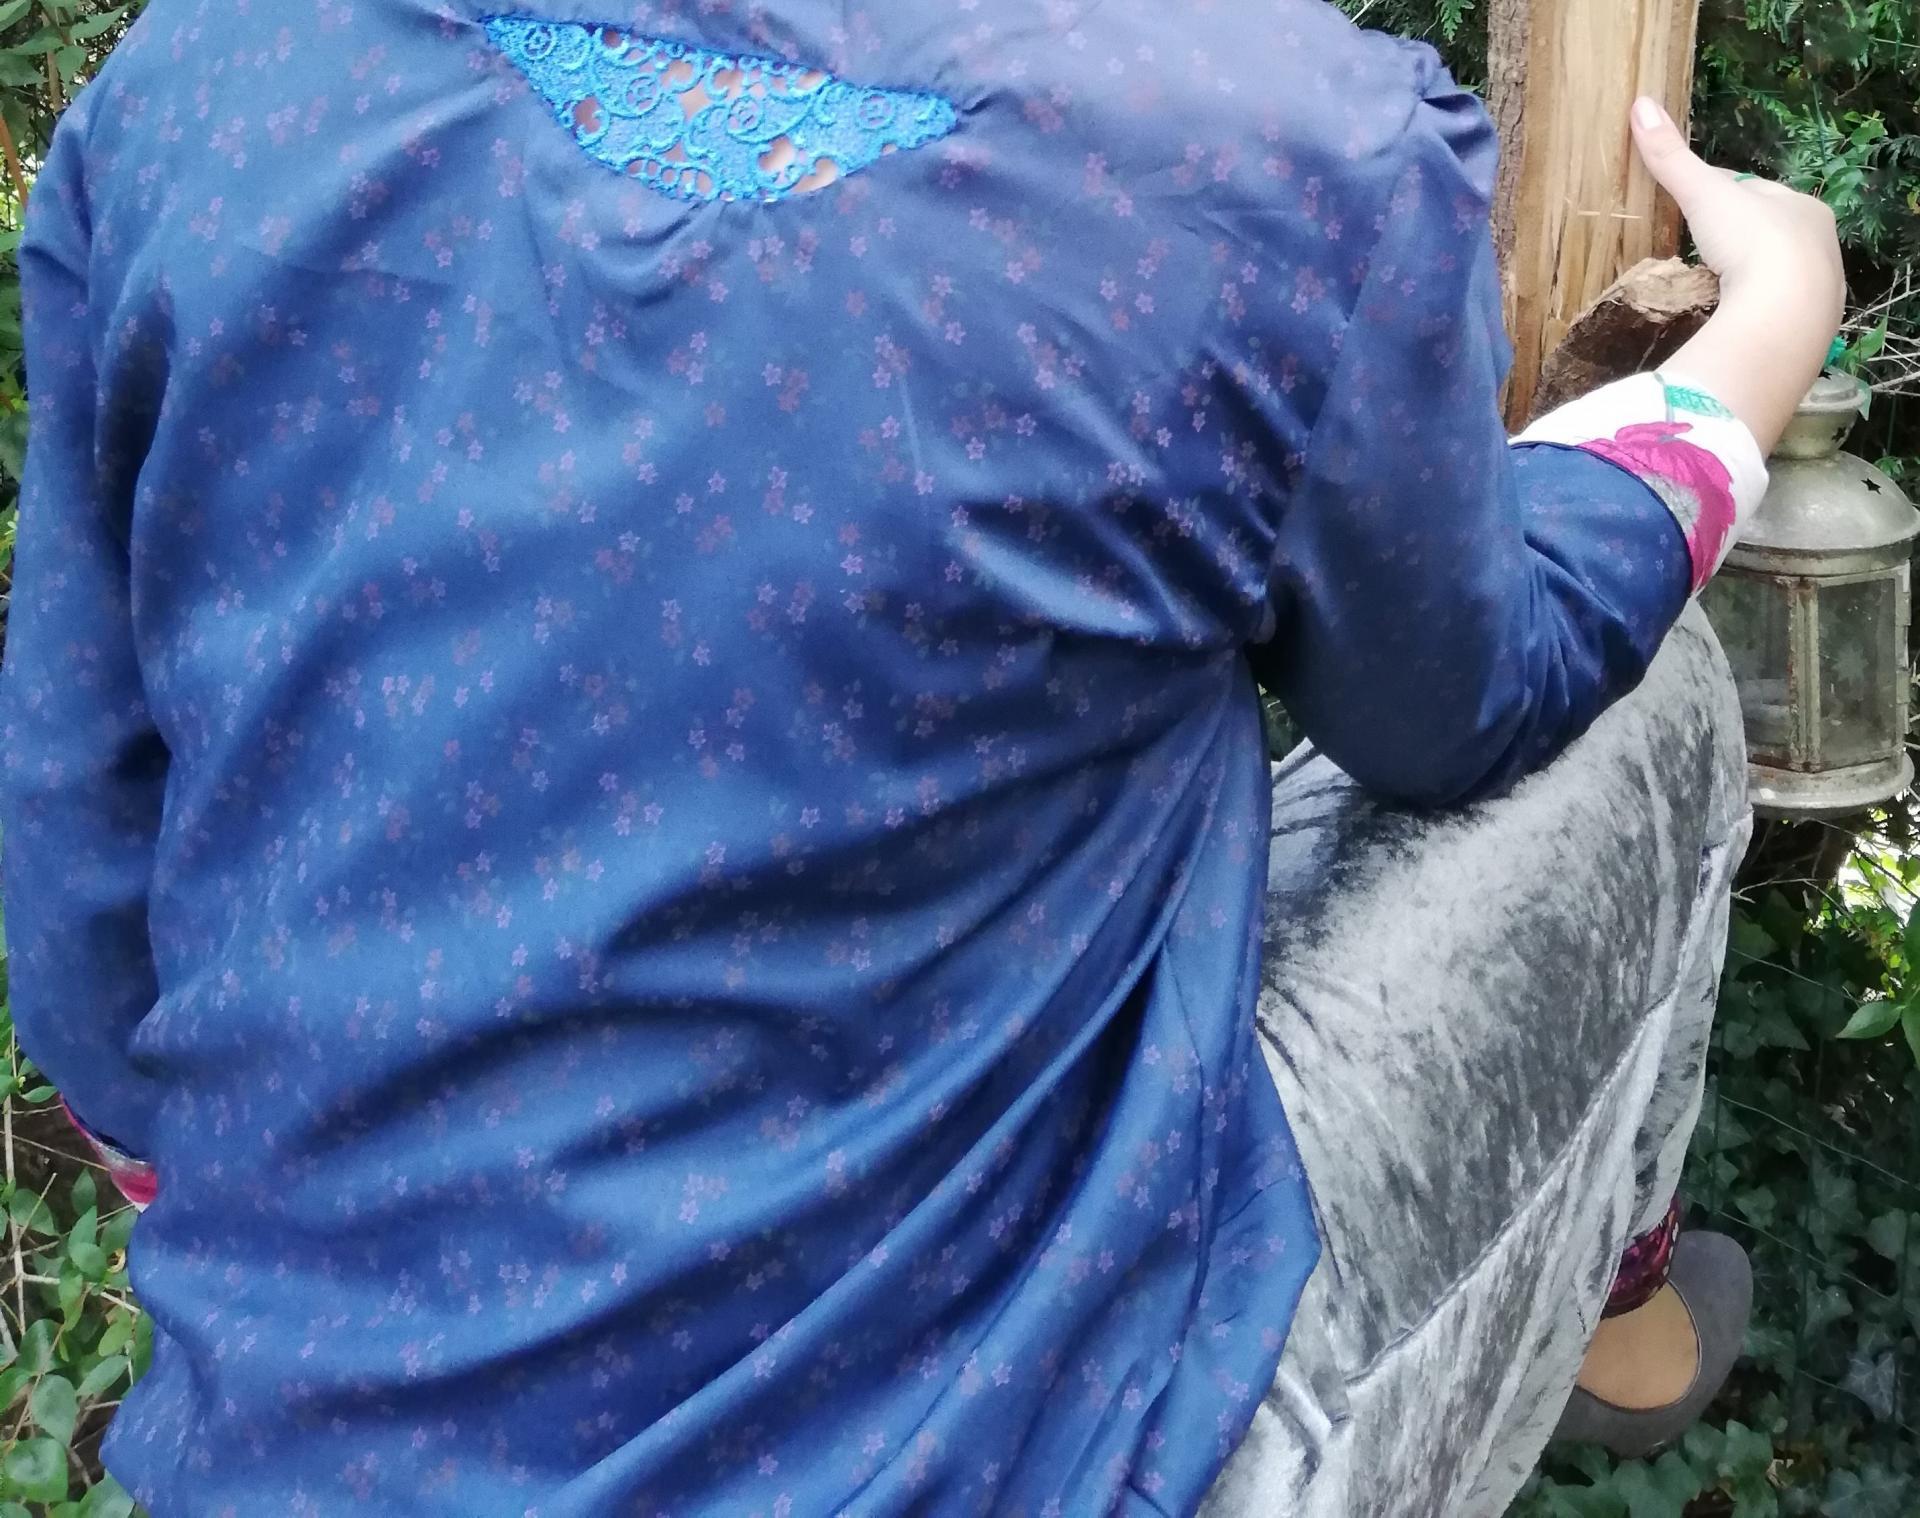 Haut recto verso incrustation dentelle faite main bas de la nuque imprime fleuri et liberty pantalon souple reversible velours et jersey imprime pose 3 copie